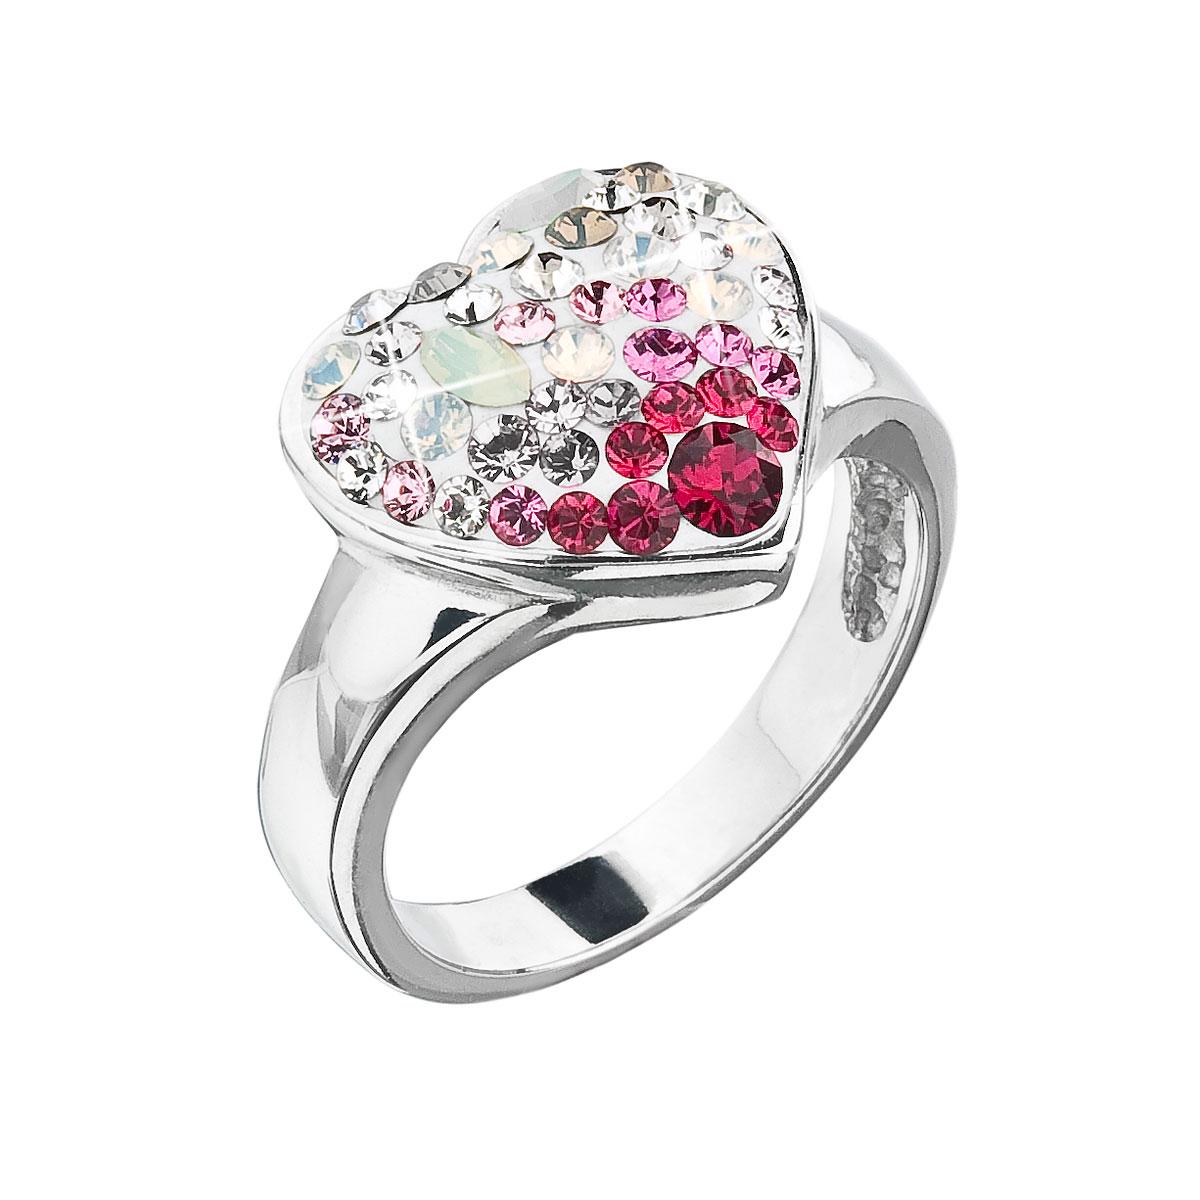 Strieborný prsteň s krištáľmi Swarovski sweet love srdce 35044.3